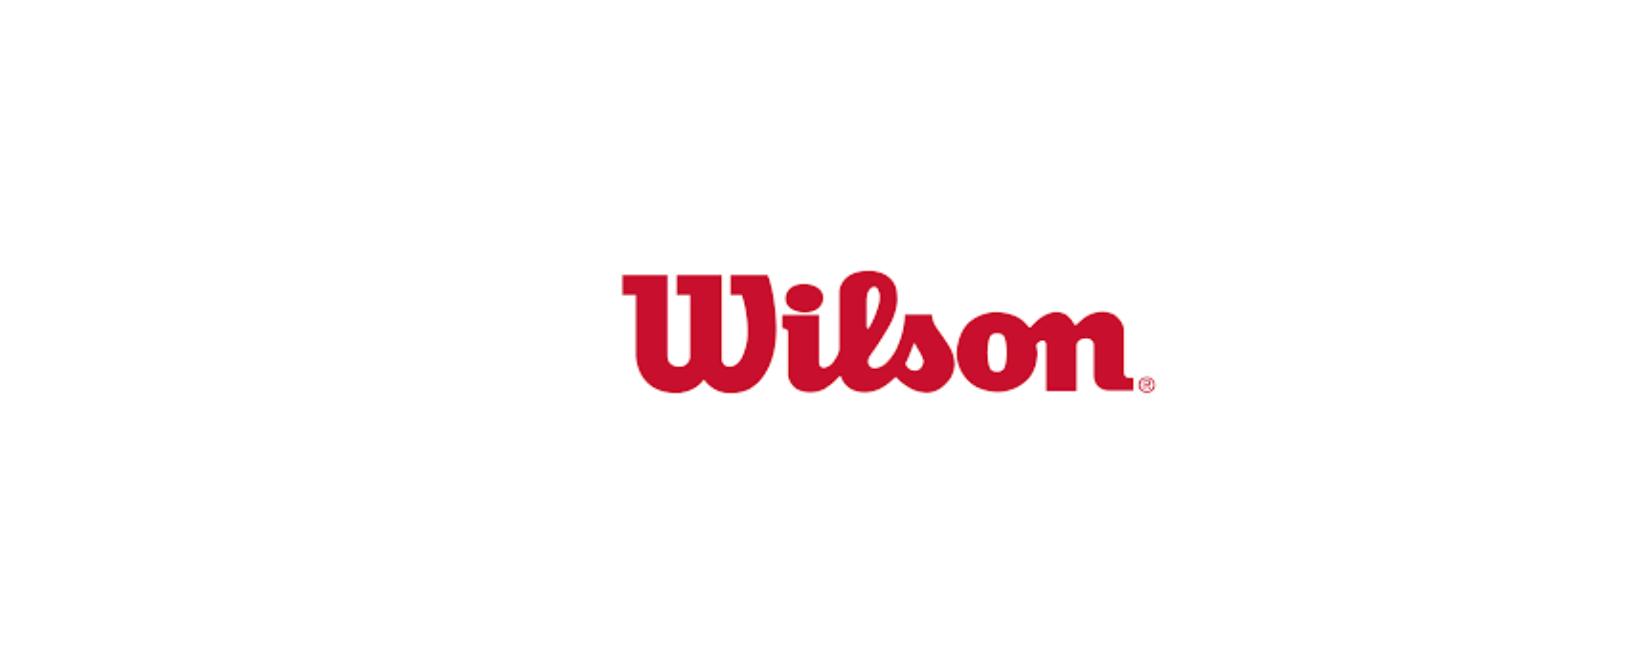 Wilson Discount Code 2021